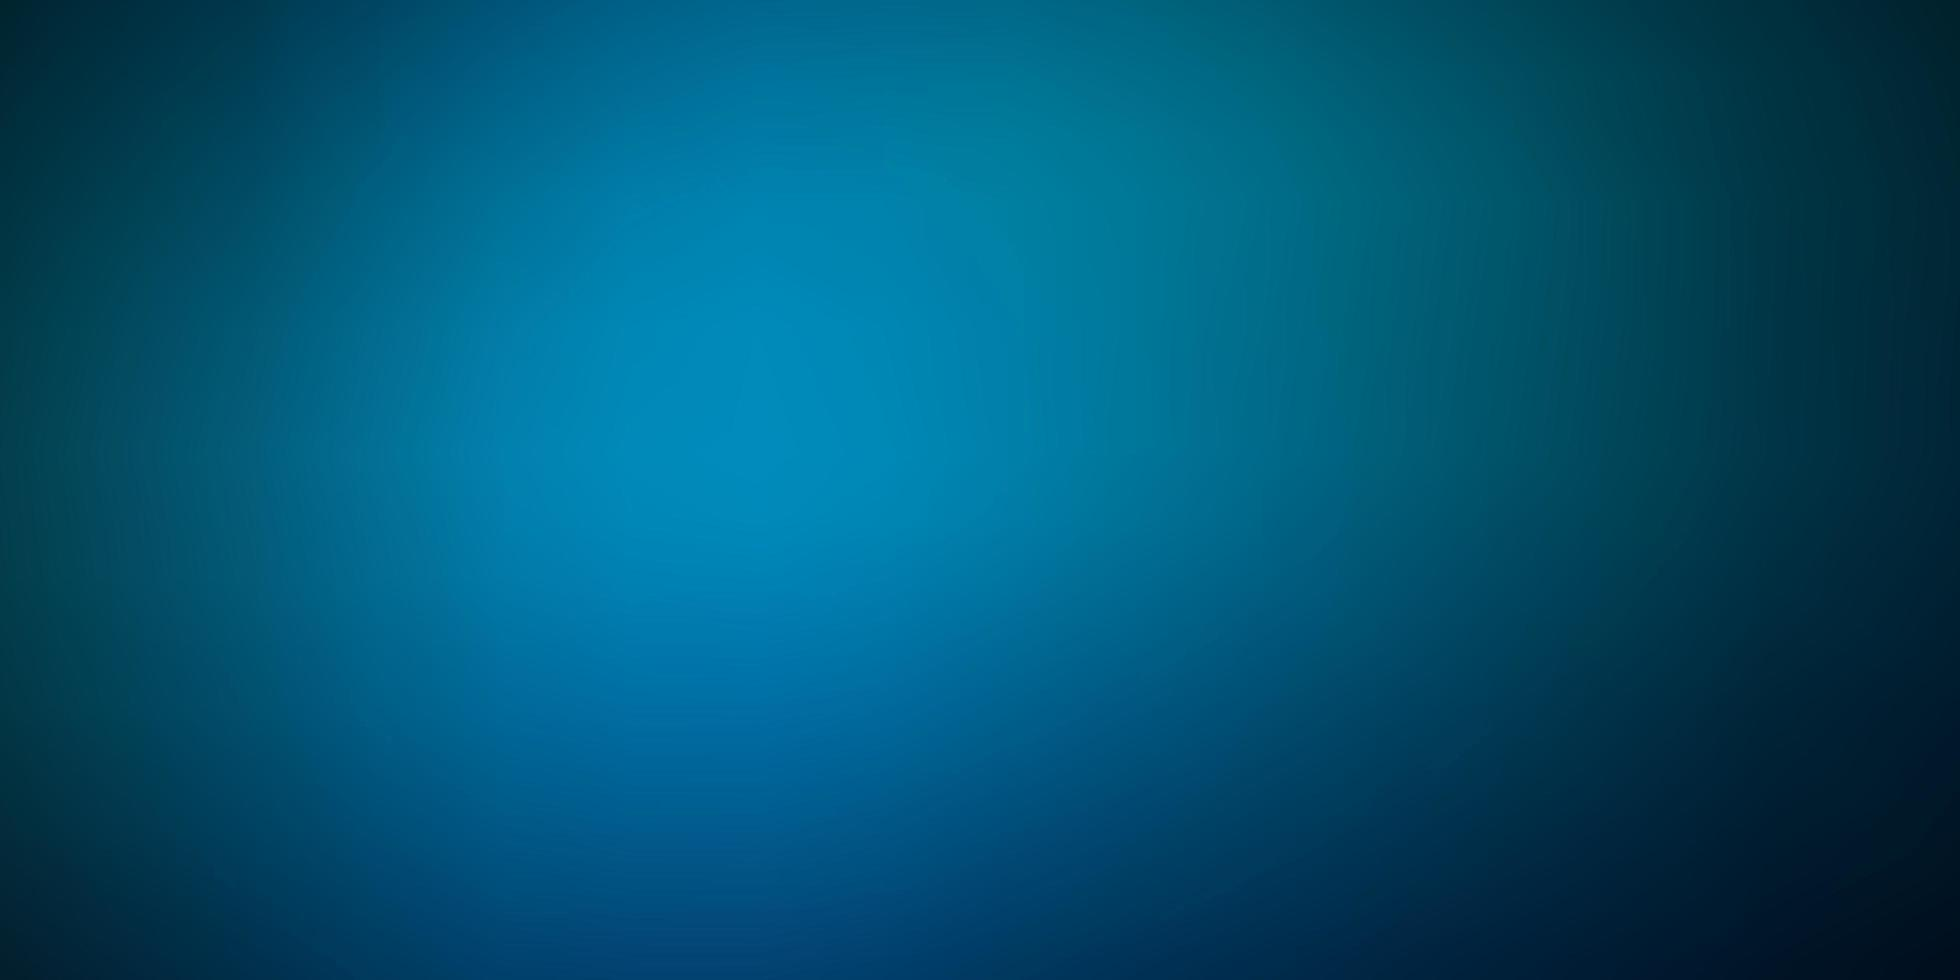 fundo abstrato azul escuro. vetor